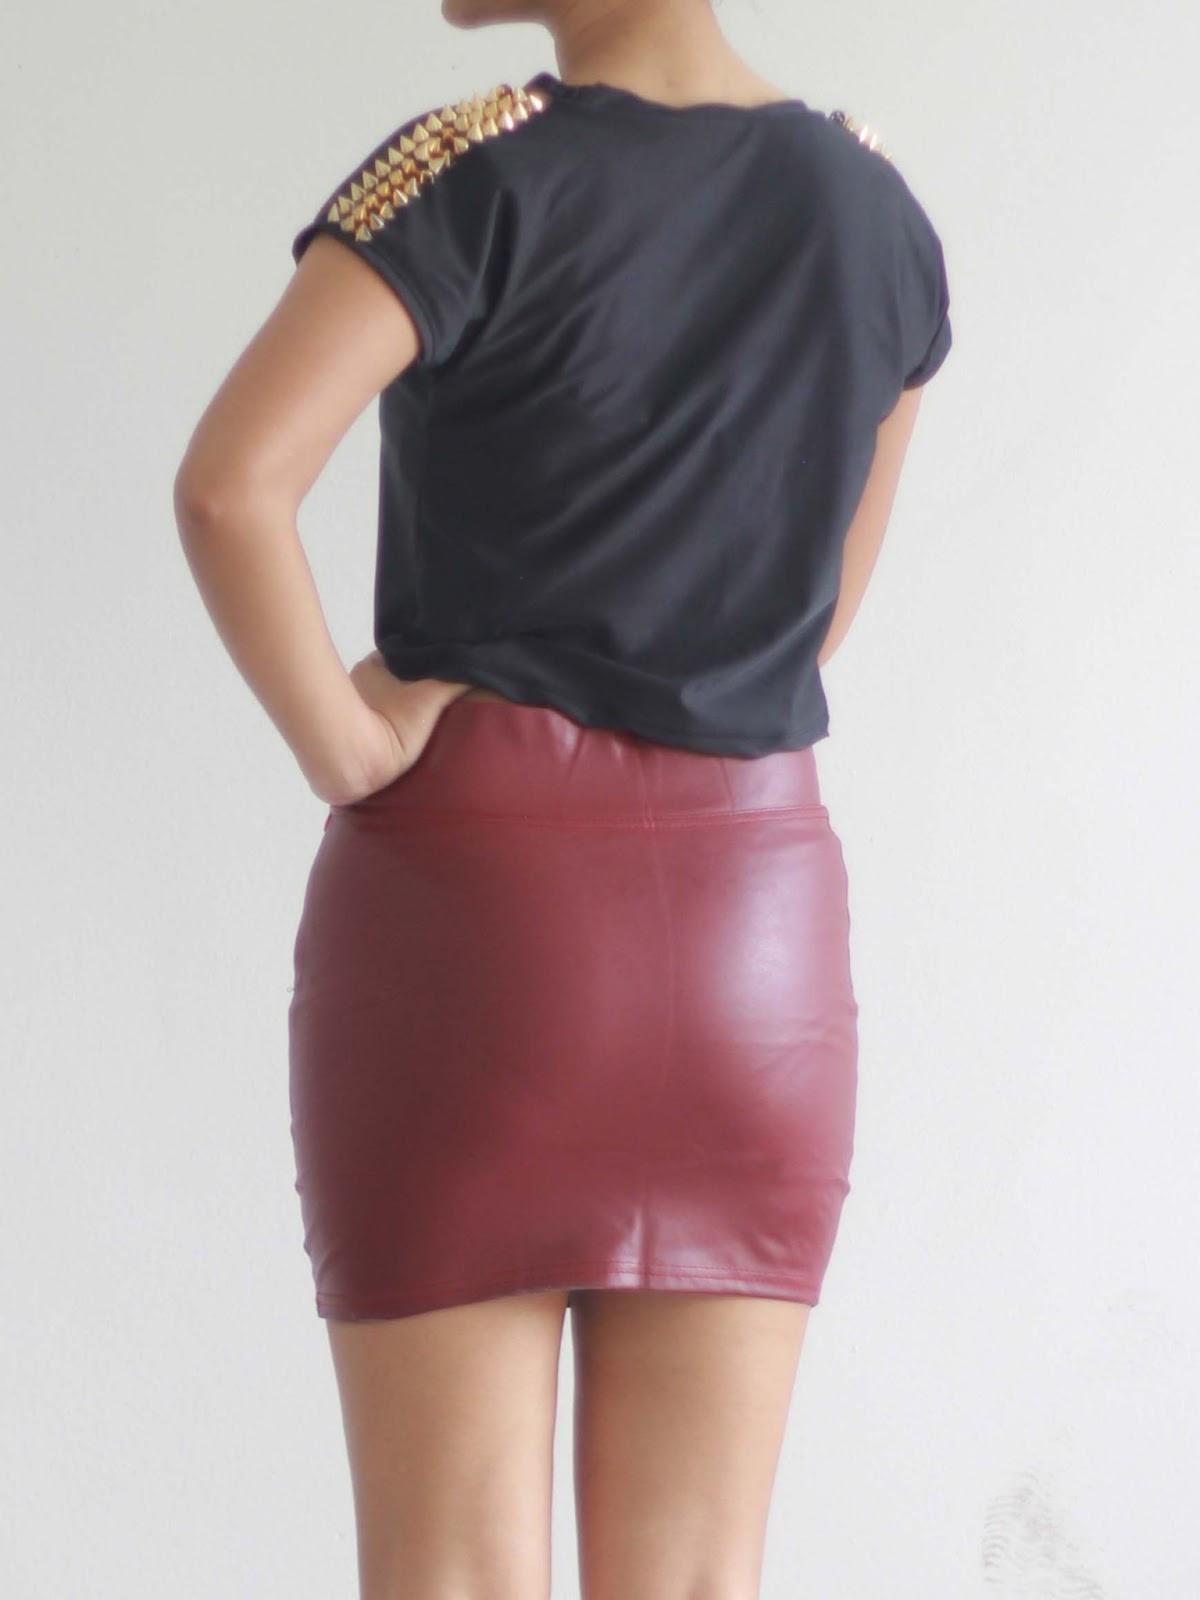 mango orangie leather bodycon skirt